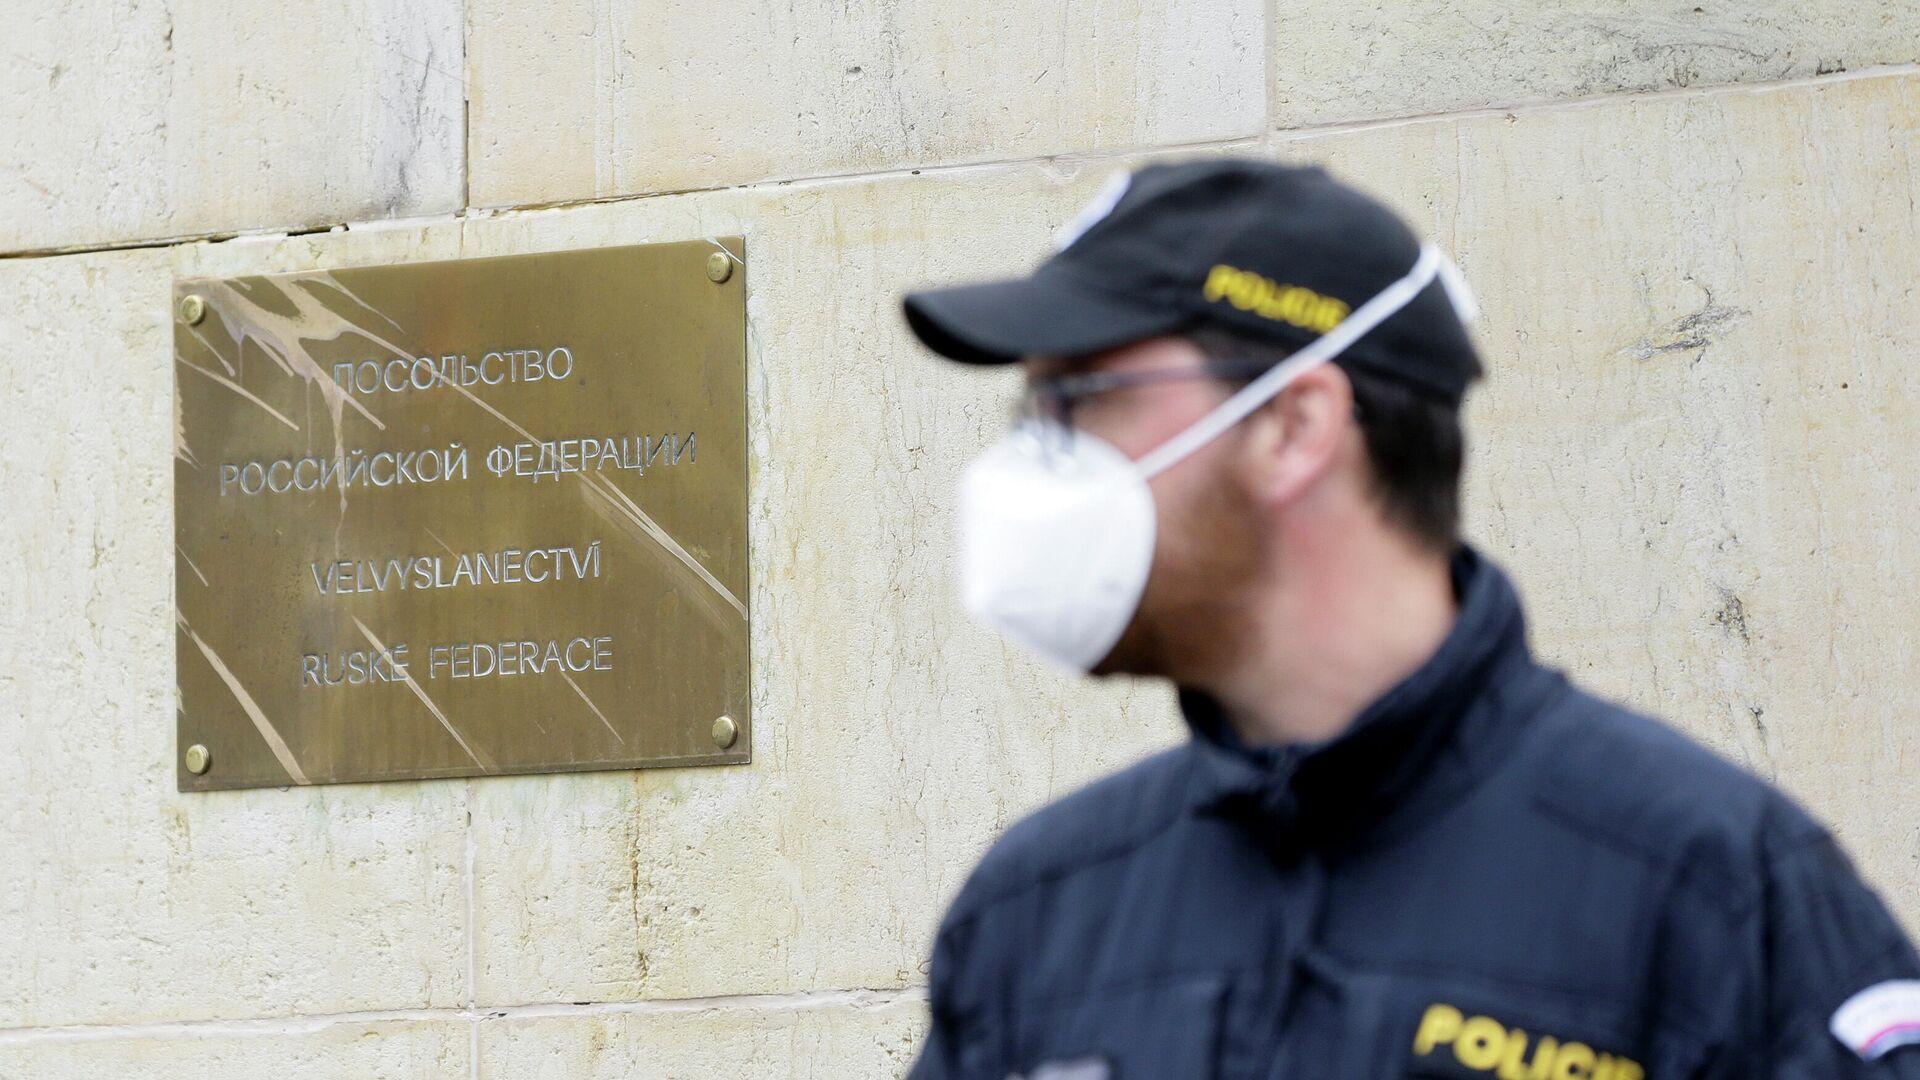 Полицейский у здания посольства России в Праге - РИА Новости, 1920, 22.04.2021